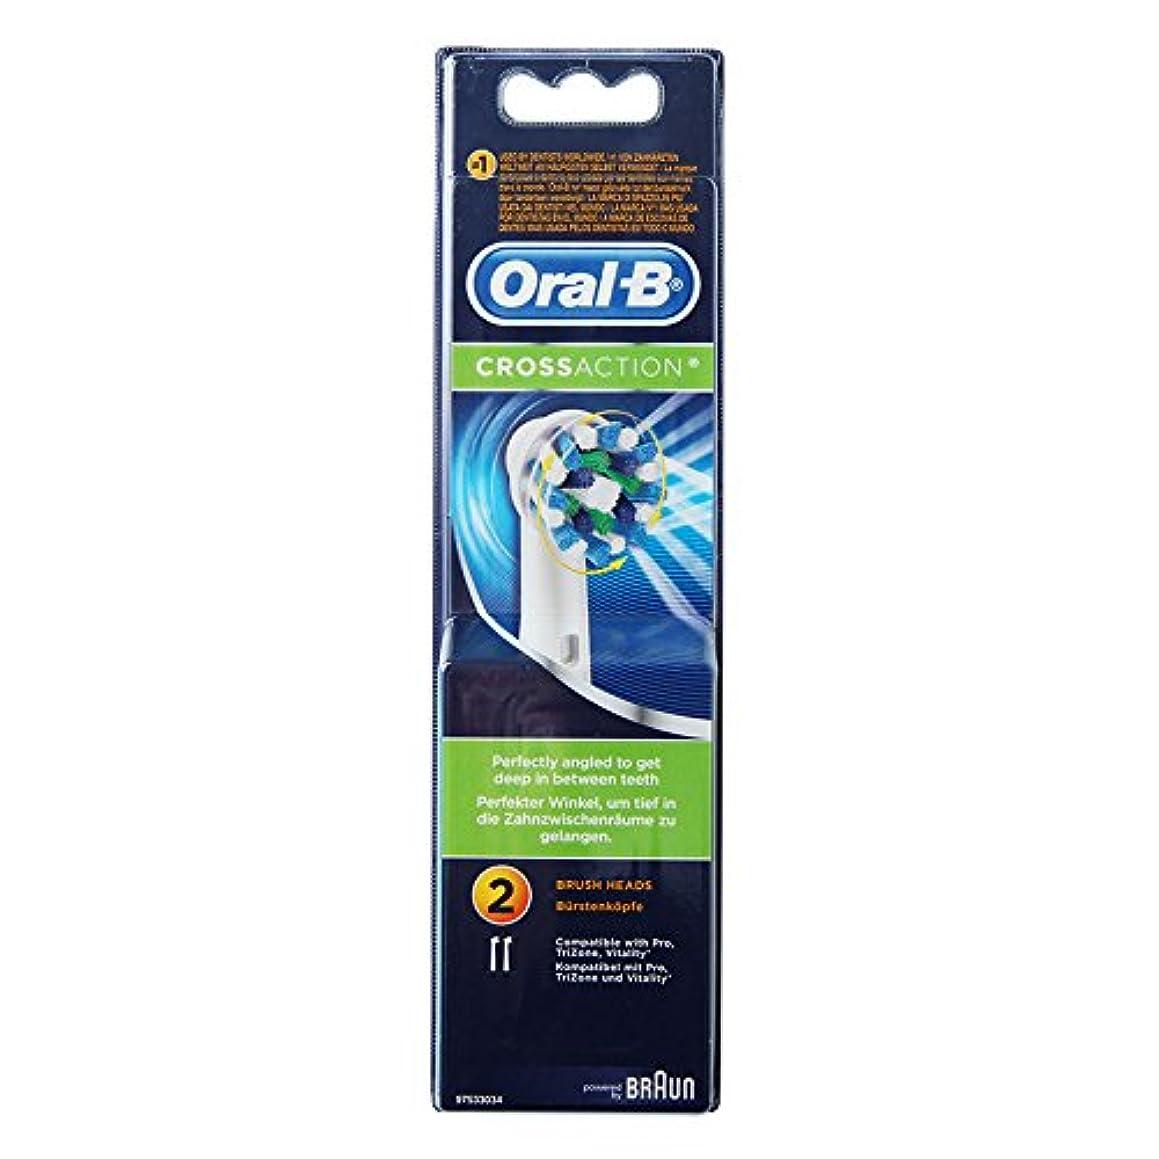 練習休憩する修羅場Braun Oral-B EB50-2 Oral-B CrossAction 歯ブラシ交換用ブラシヘッド 1Pack [並行輸入品]